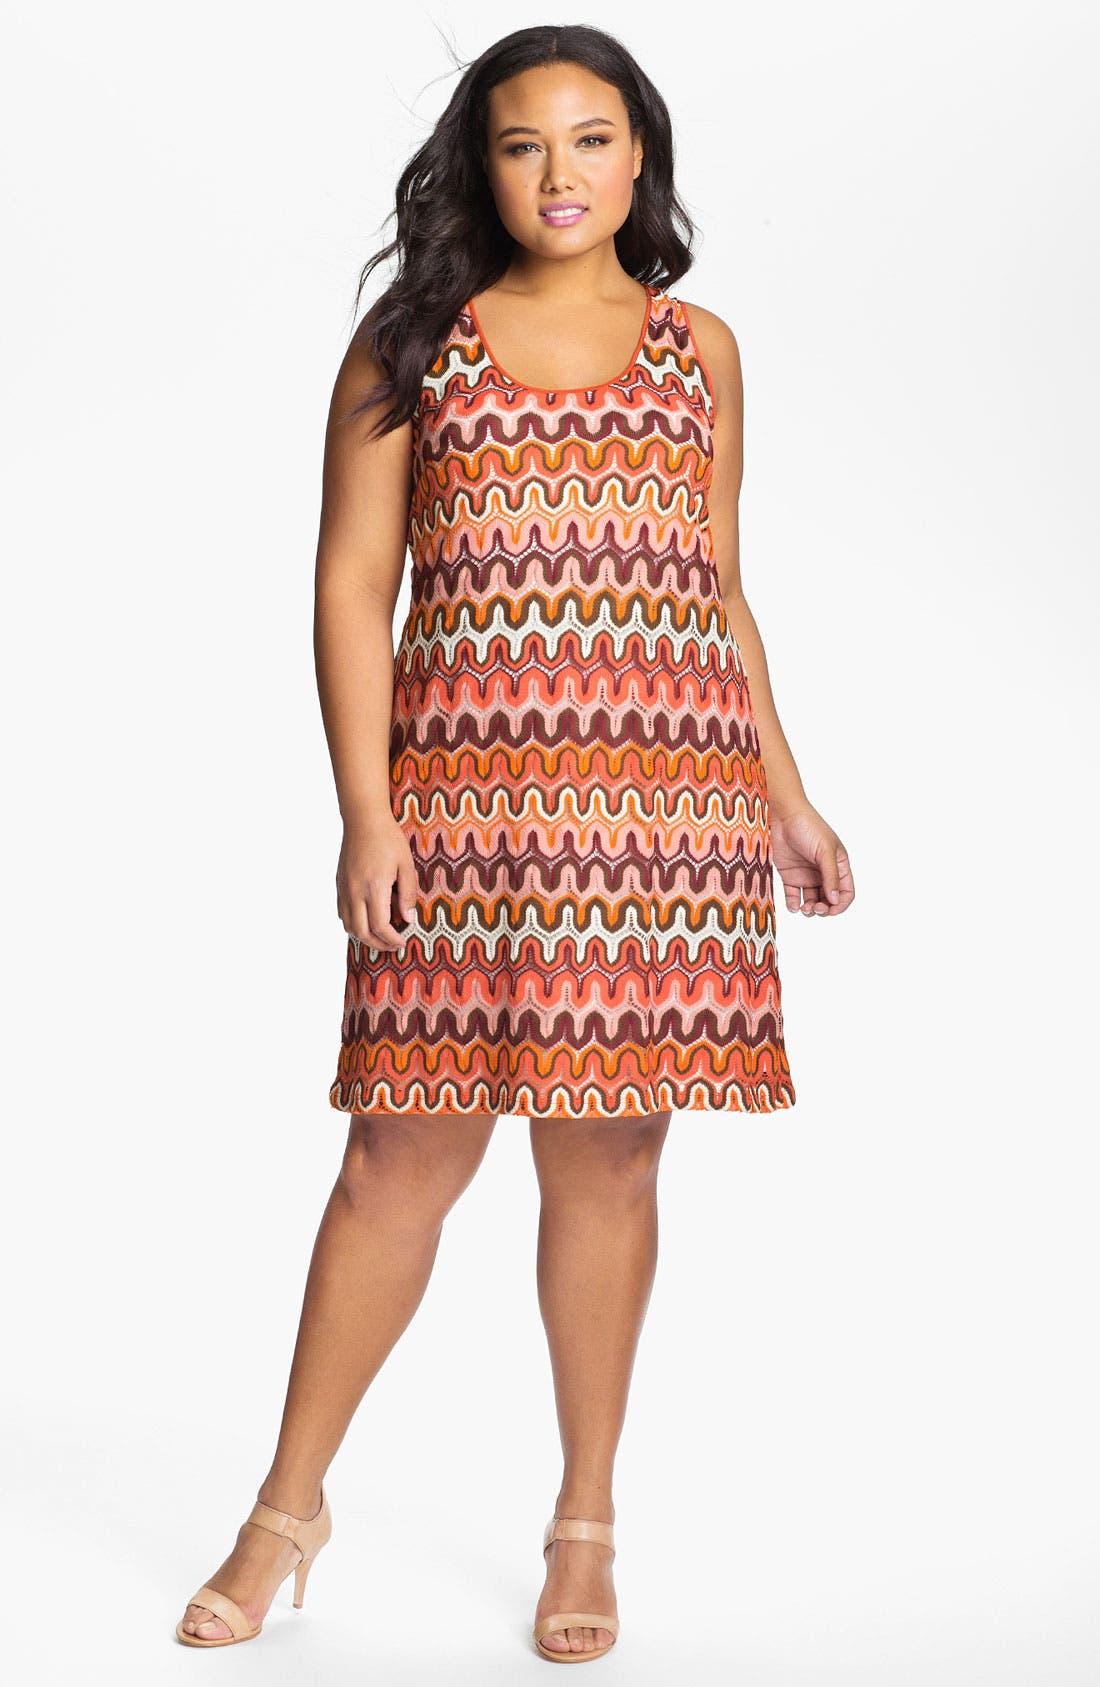 Alternate Image 1 Selected - Karen Kane Crochet Tank Dress (Plus Size) (Online Only)